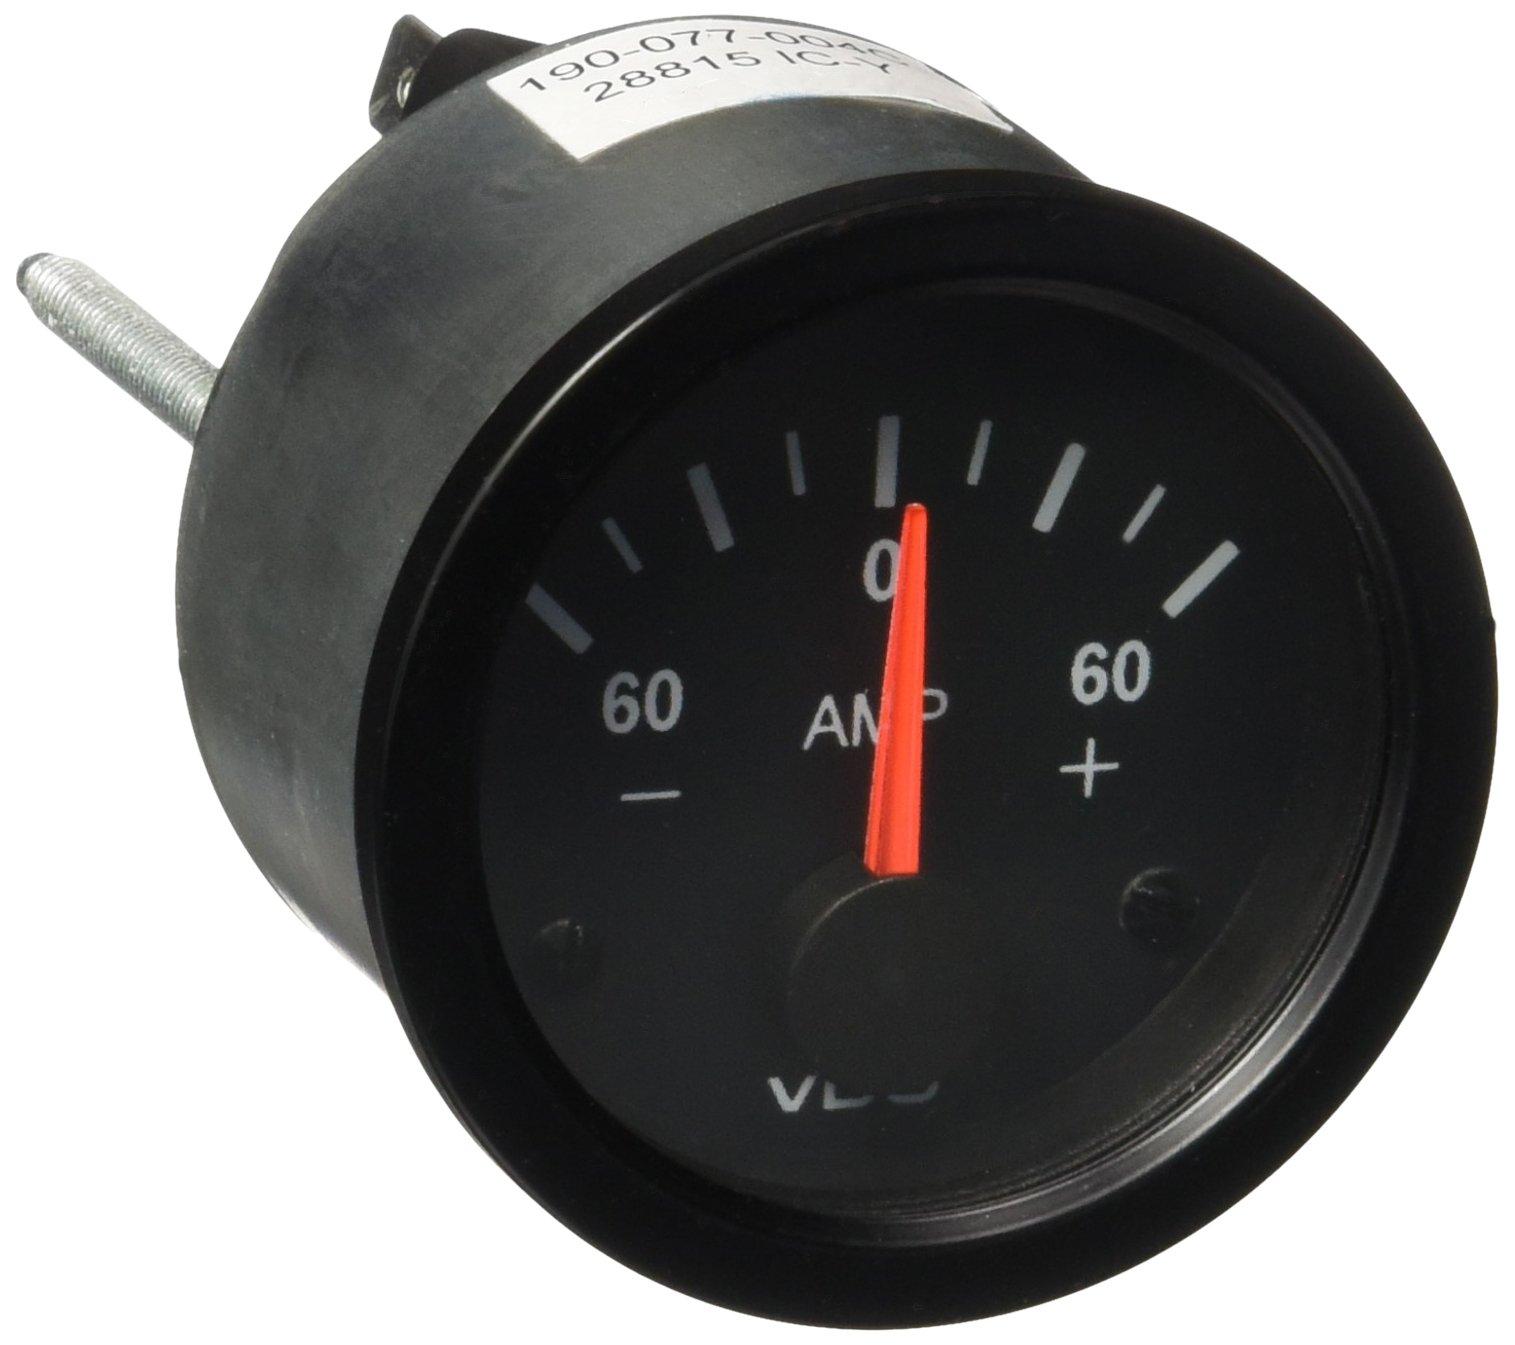 VDO 190 104 Ammeter Gauge